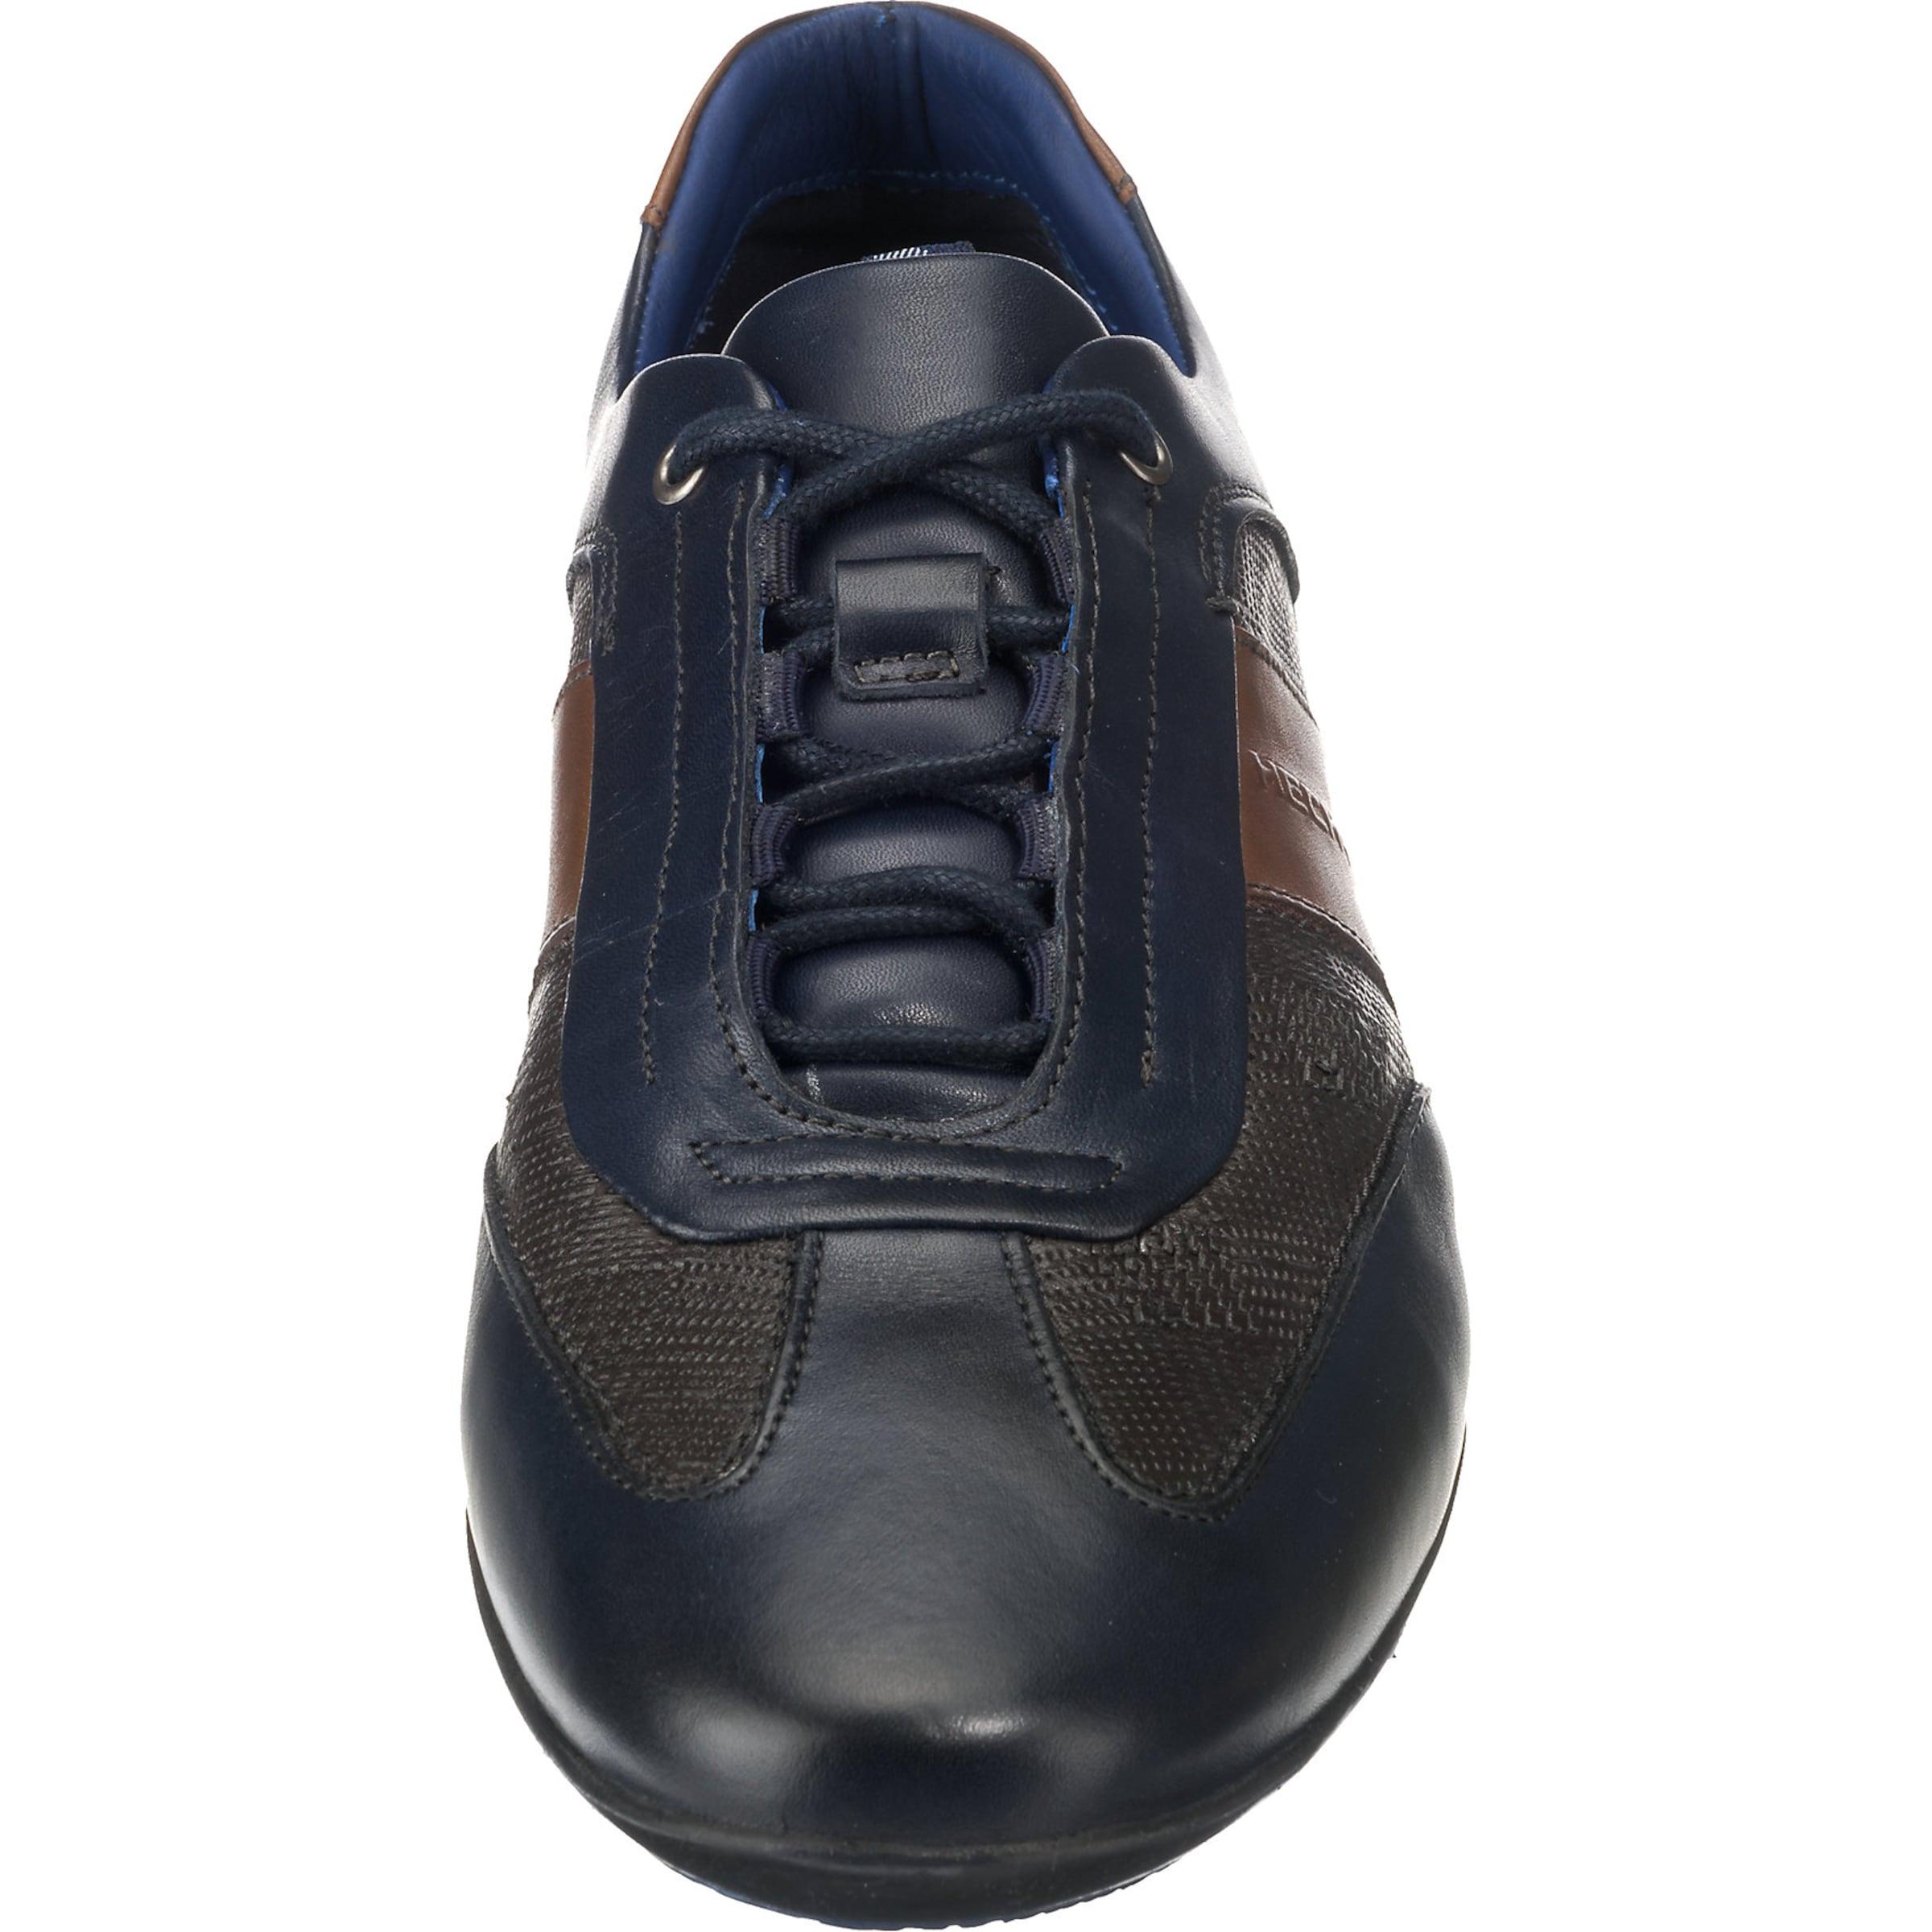 In Grau Sneakers Hechter Daniel NachtblauBraun HI29YWED